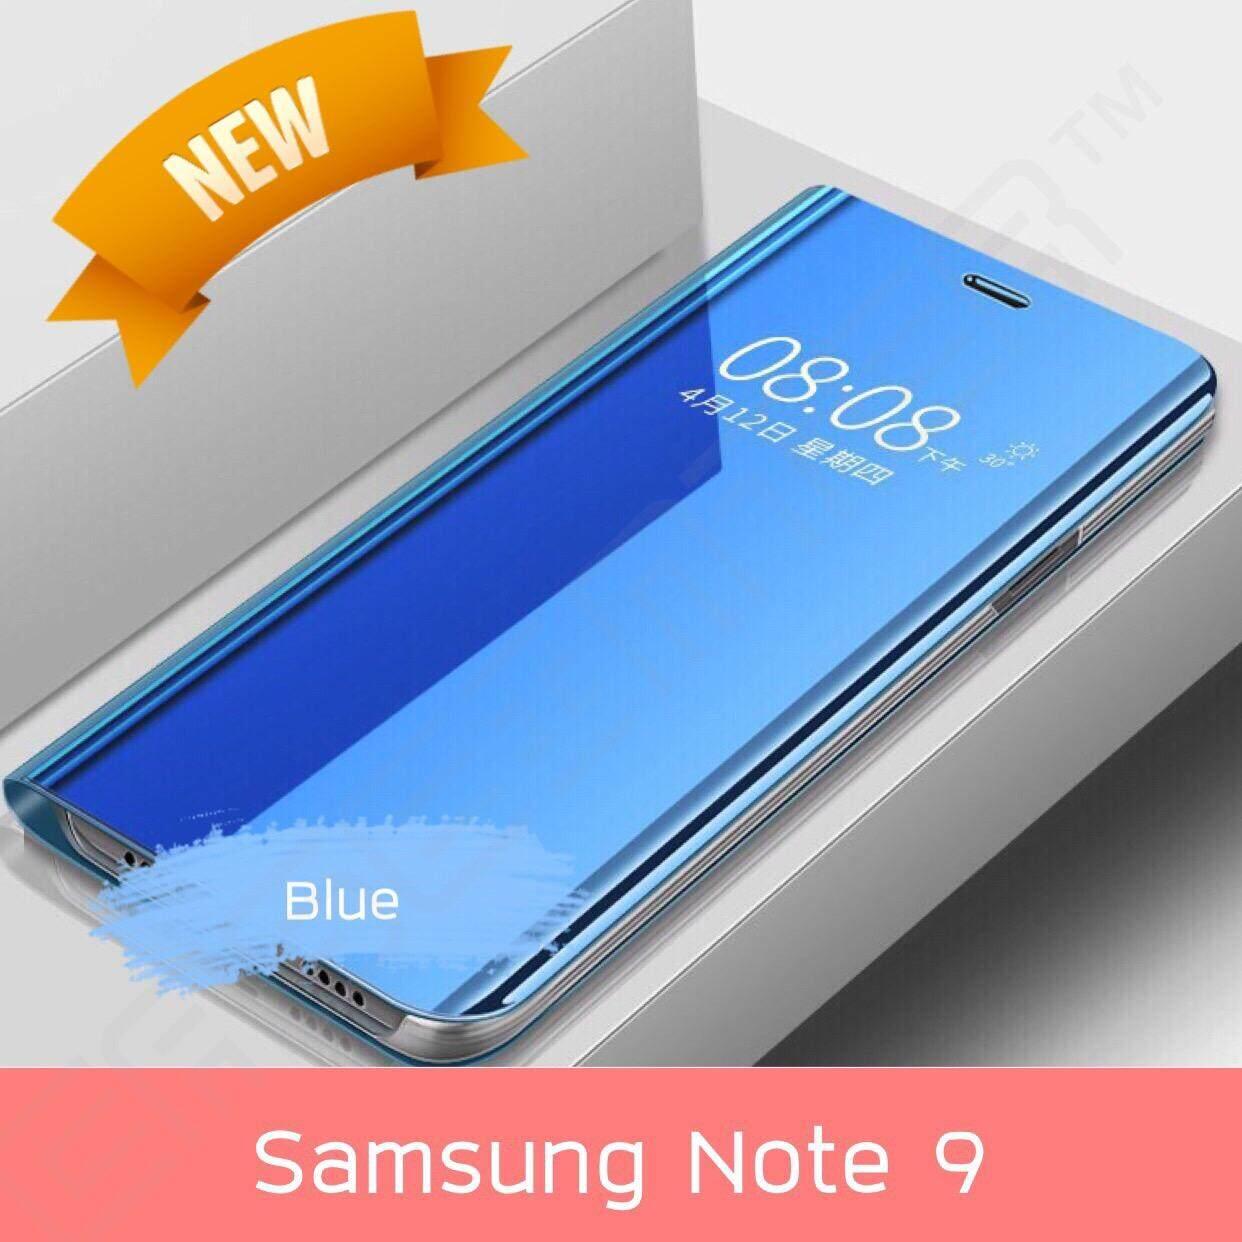 เช็คราคา พร้อมส่งทันที เคสเปิดปิดเงา Samsung Note 9 Smart Case เคสกระจก เคสฝาเปิดปิดเงา สมาร์ทเคส เคสตั้งได้ ซัมซุง โน๊ต9 note9 Sleep Flip Mirror Leather Case With Stand Holder เคสมือถือ เคสโทรศัพท์ เคสรุ่นใหม่ เคสกระเป๋า เคสเงา Phone Case ออนไลน์